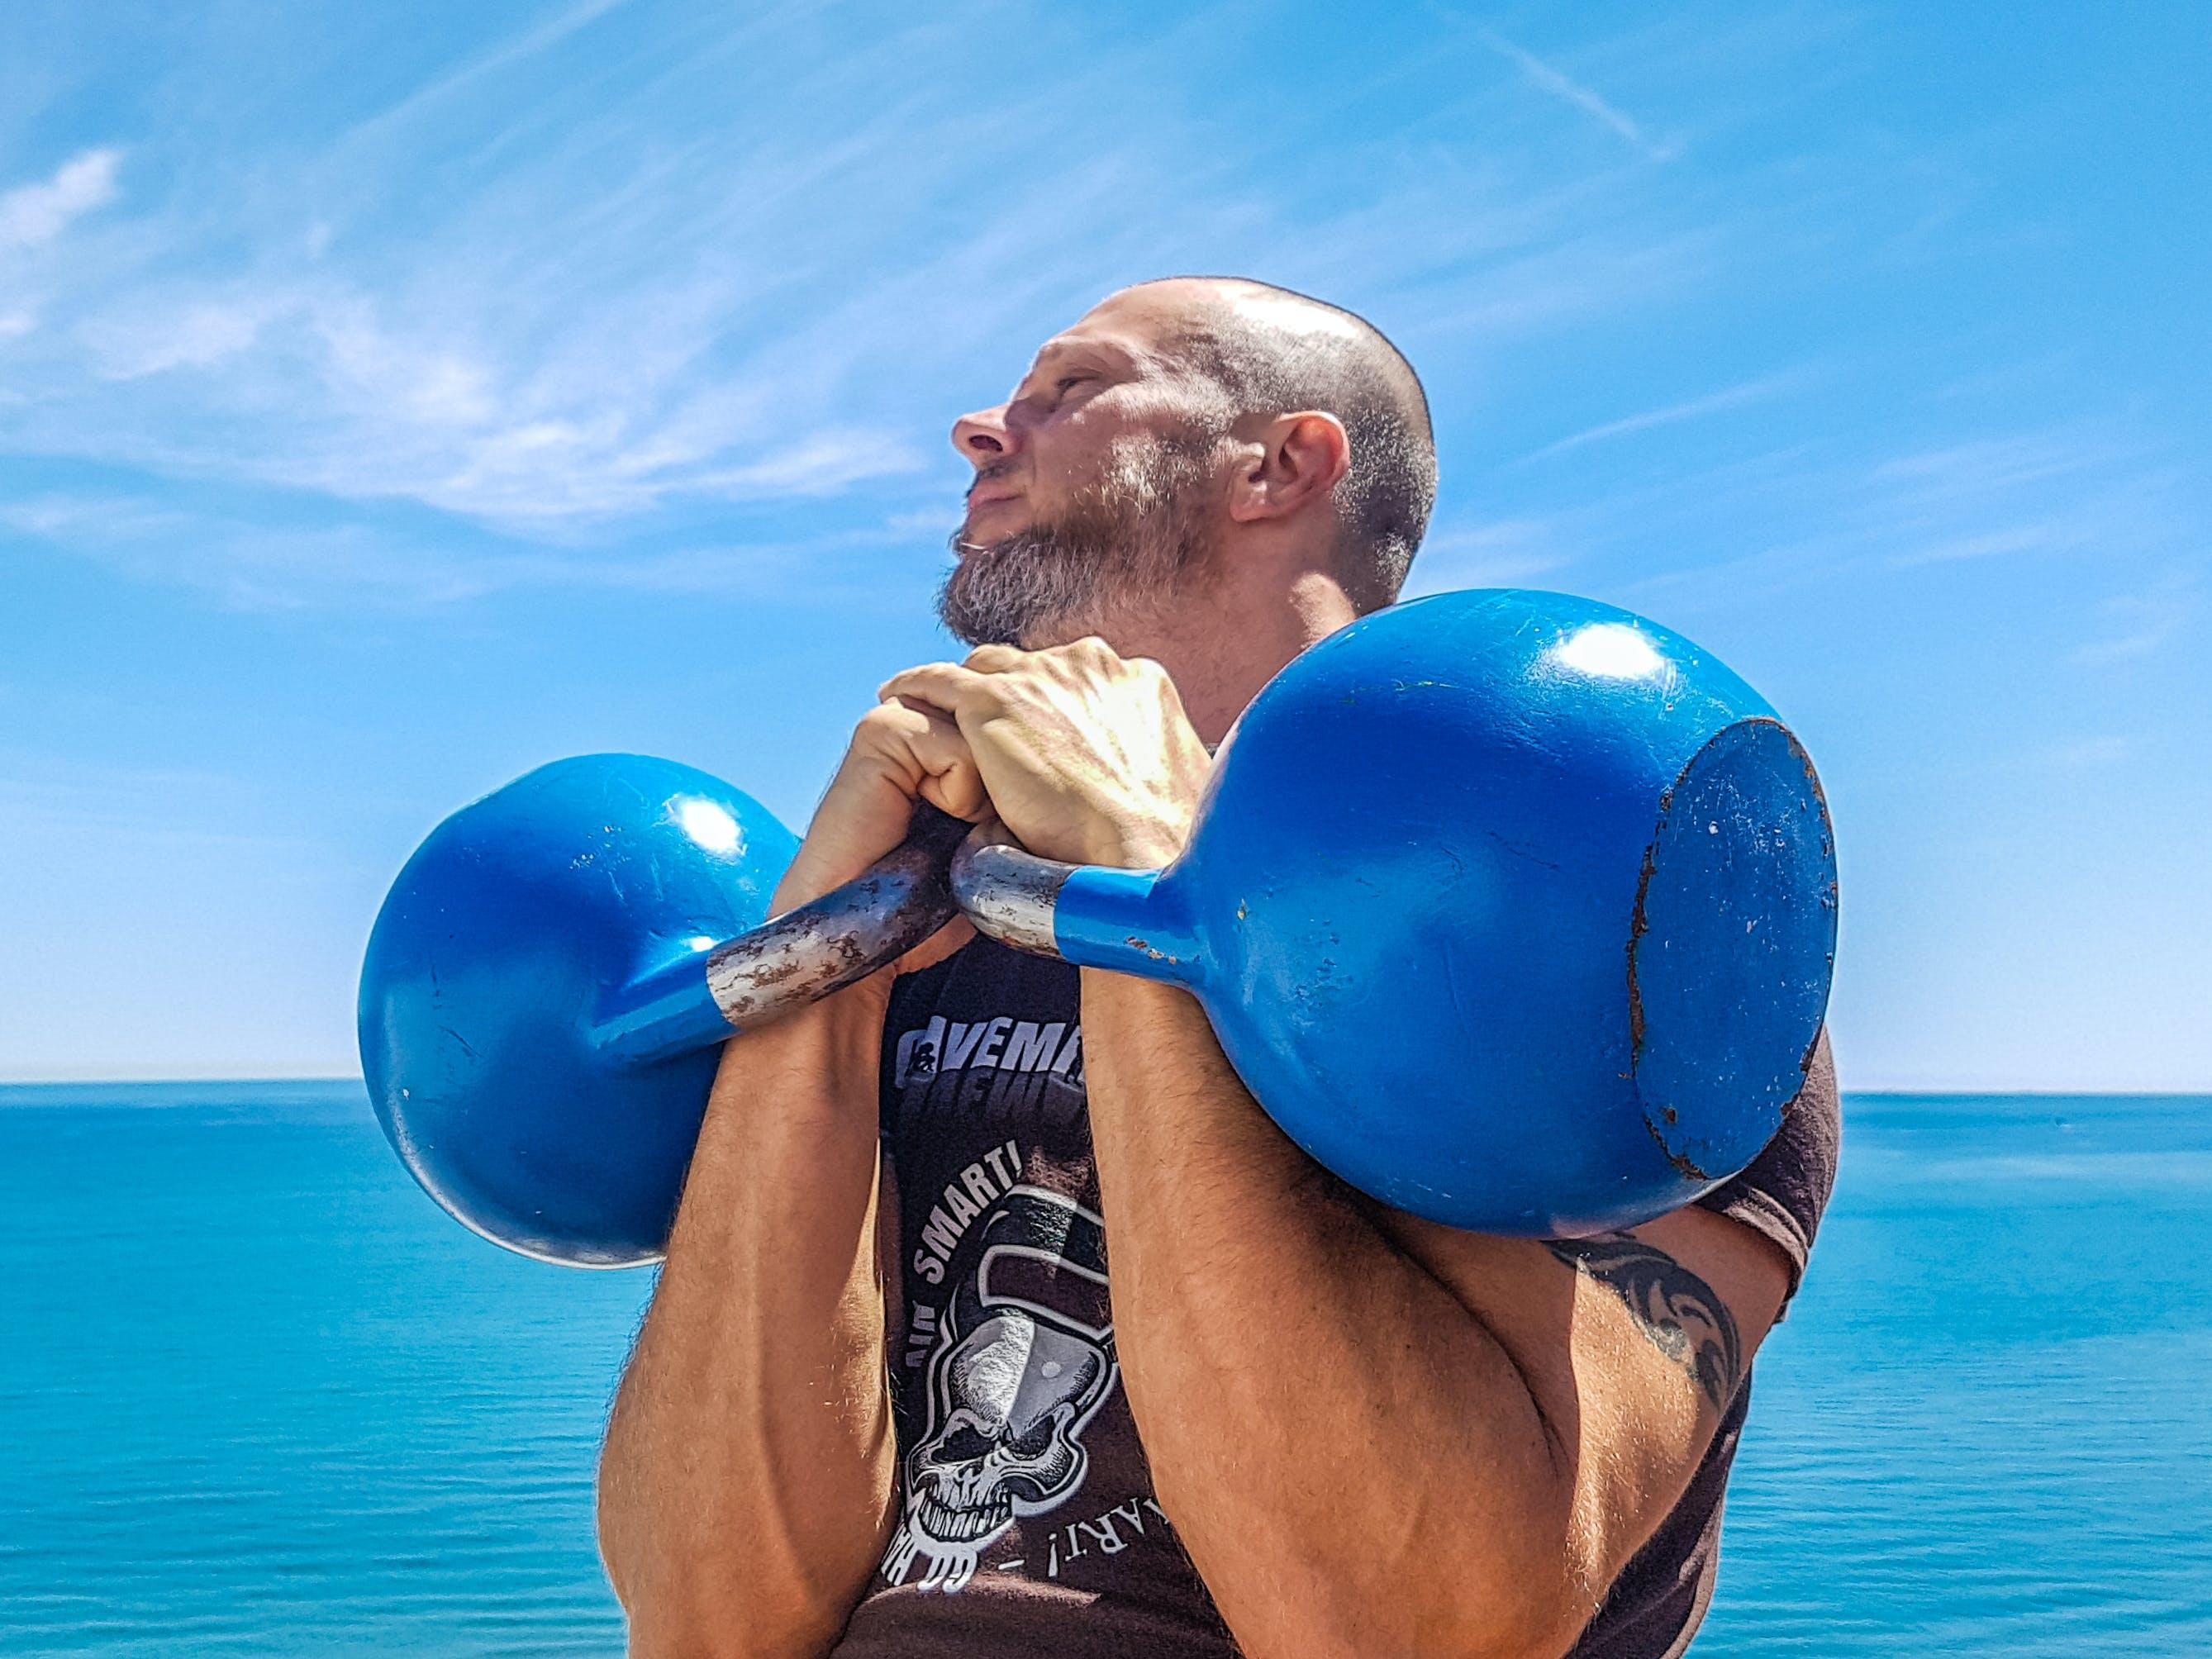 Gratis stockfoto met actief, bijpassen, eigen tijd, fitness